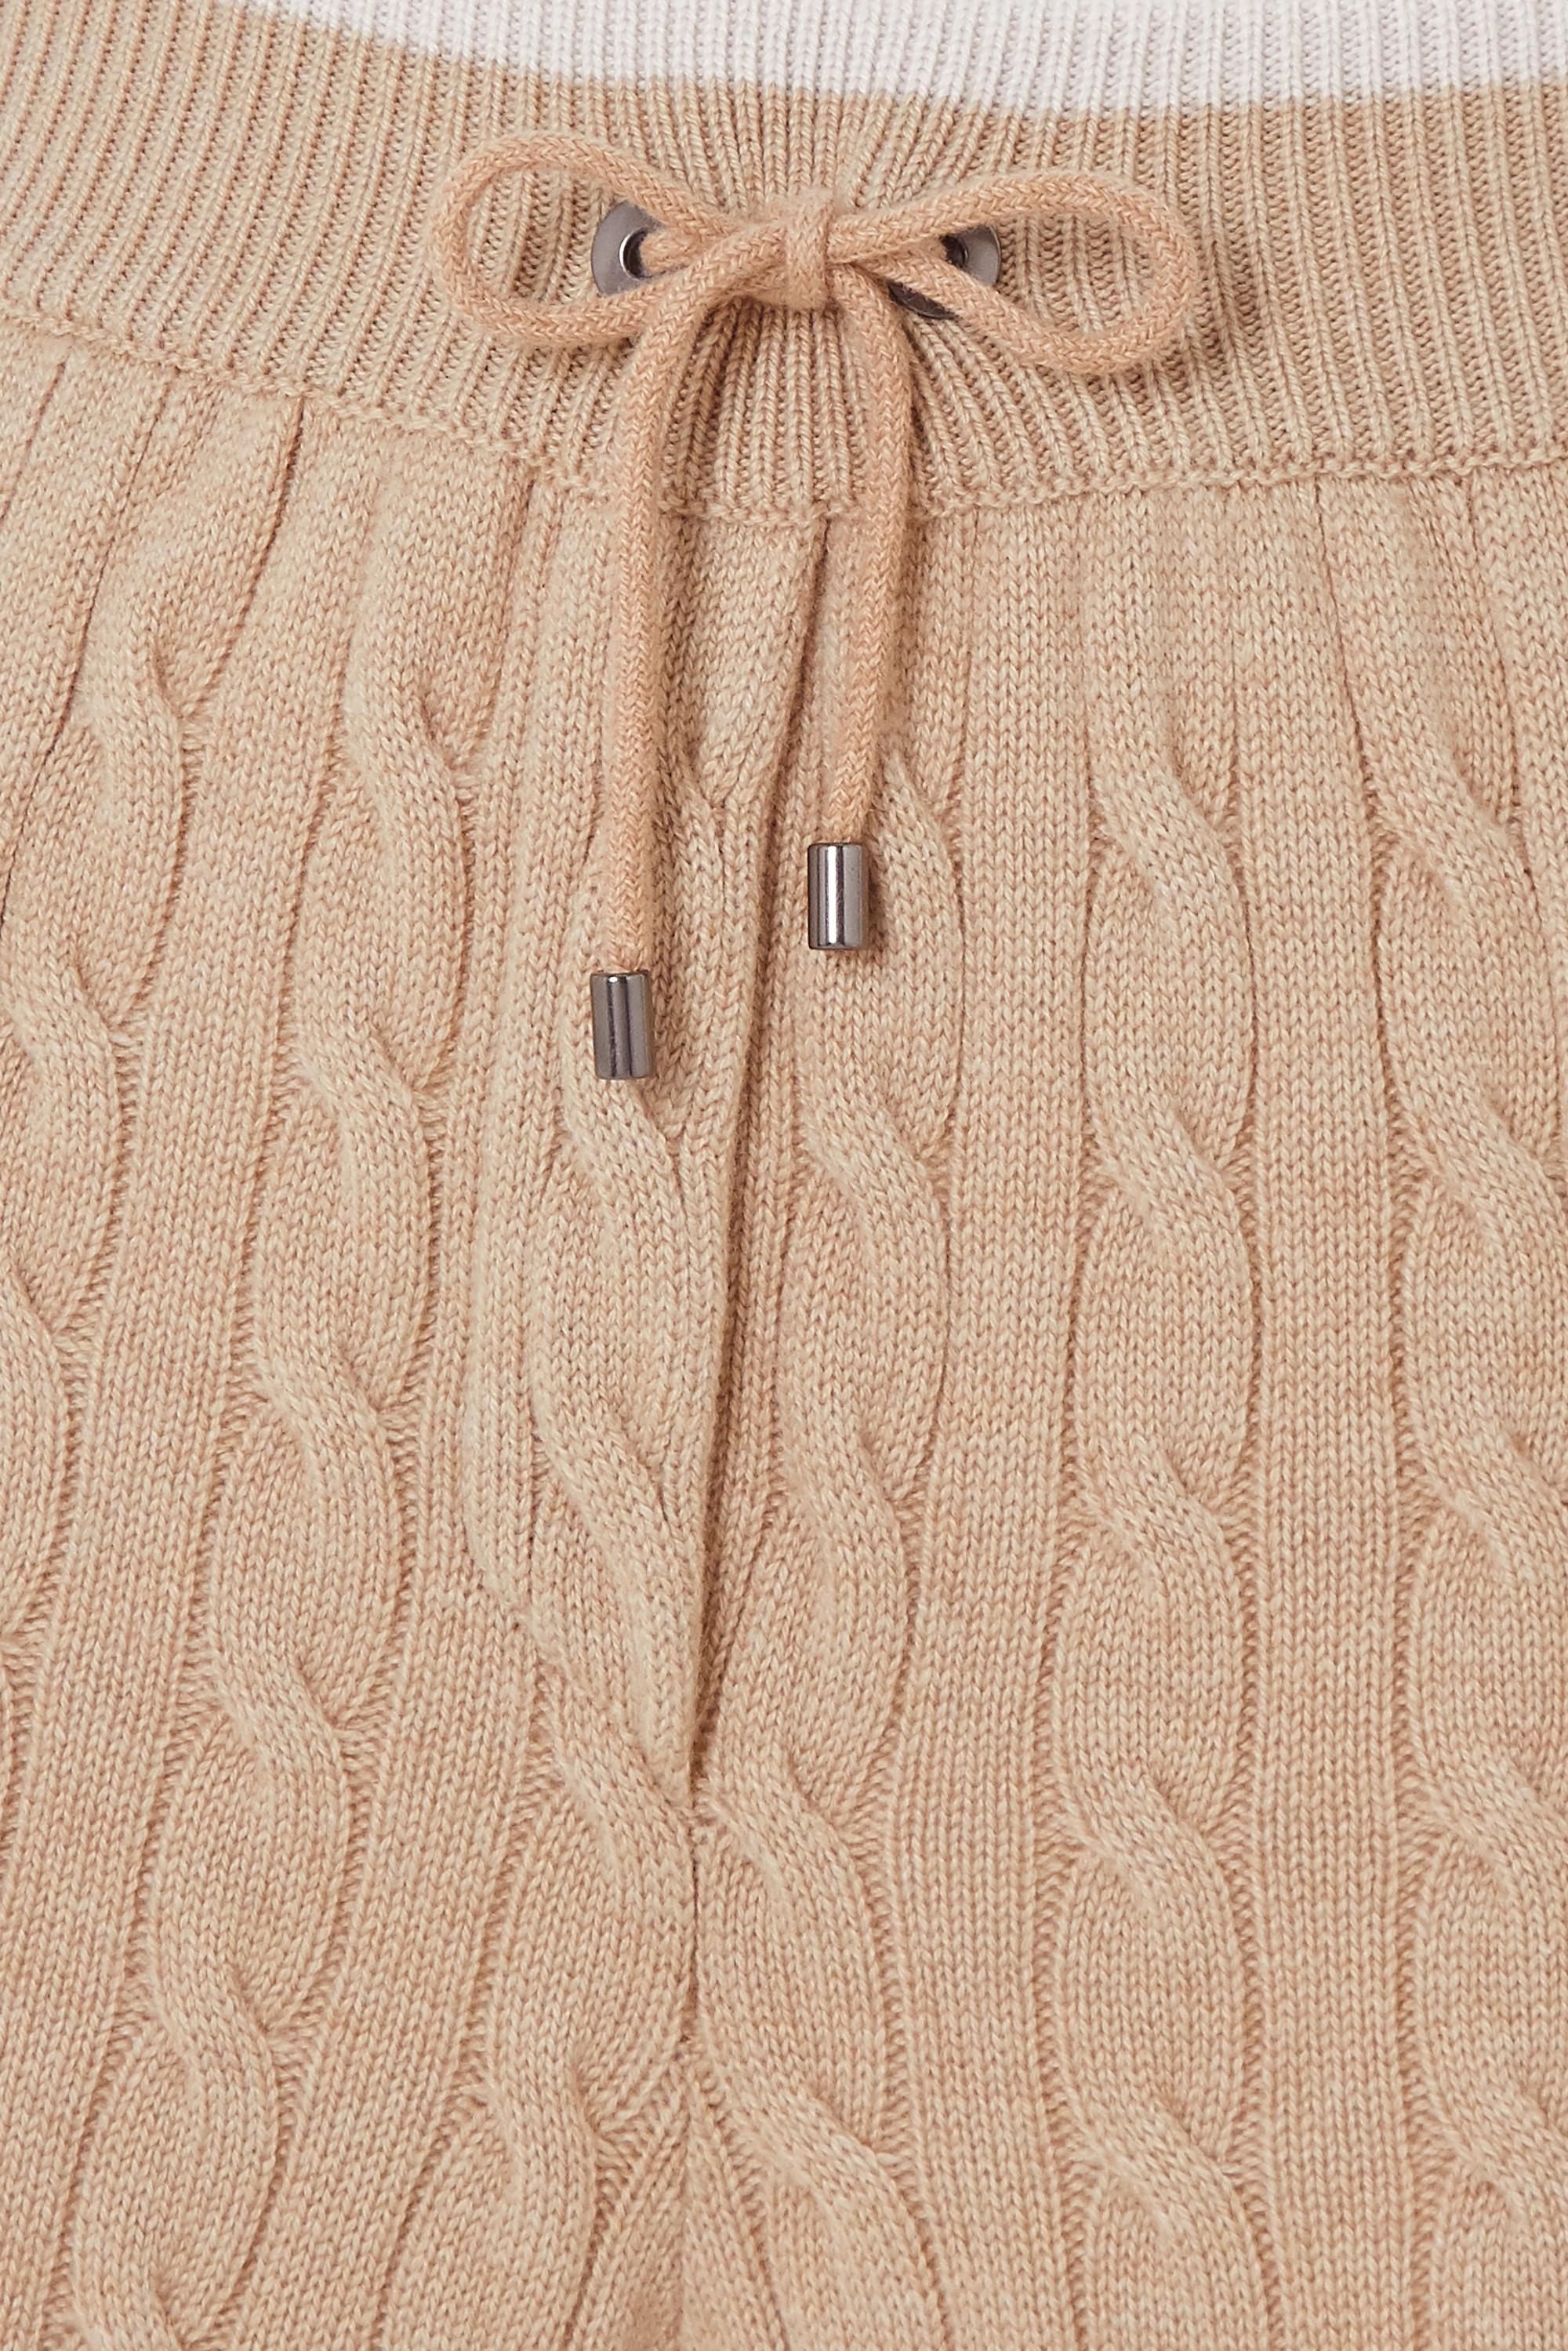 Brunello Cucinelli 缀饰绞花针织羊绒休闲裤